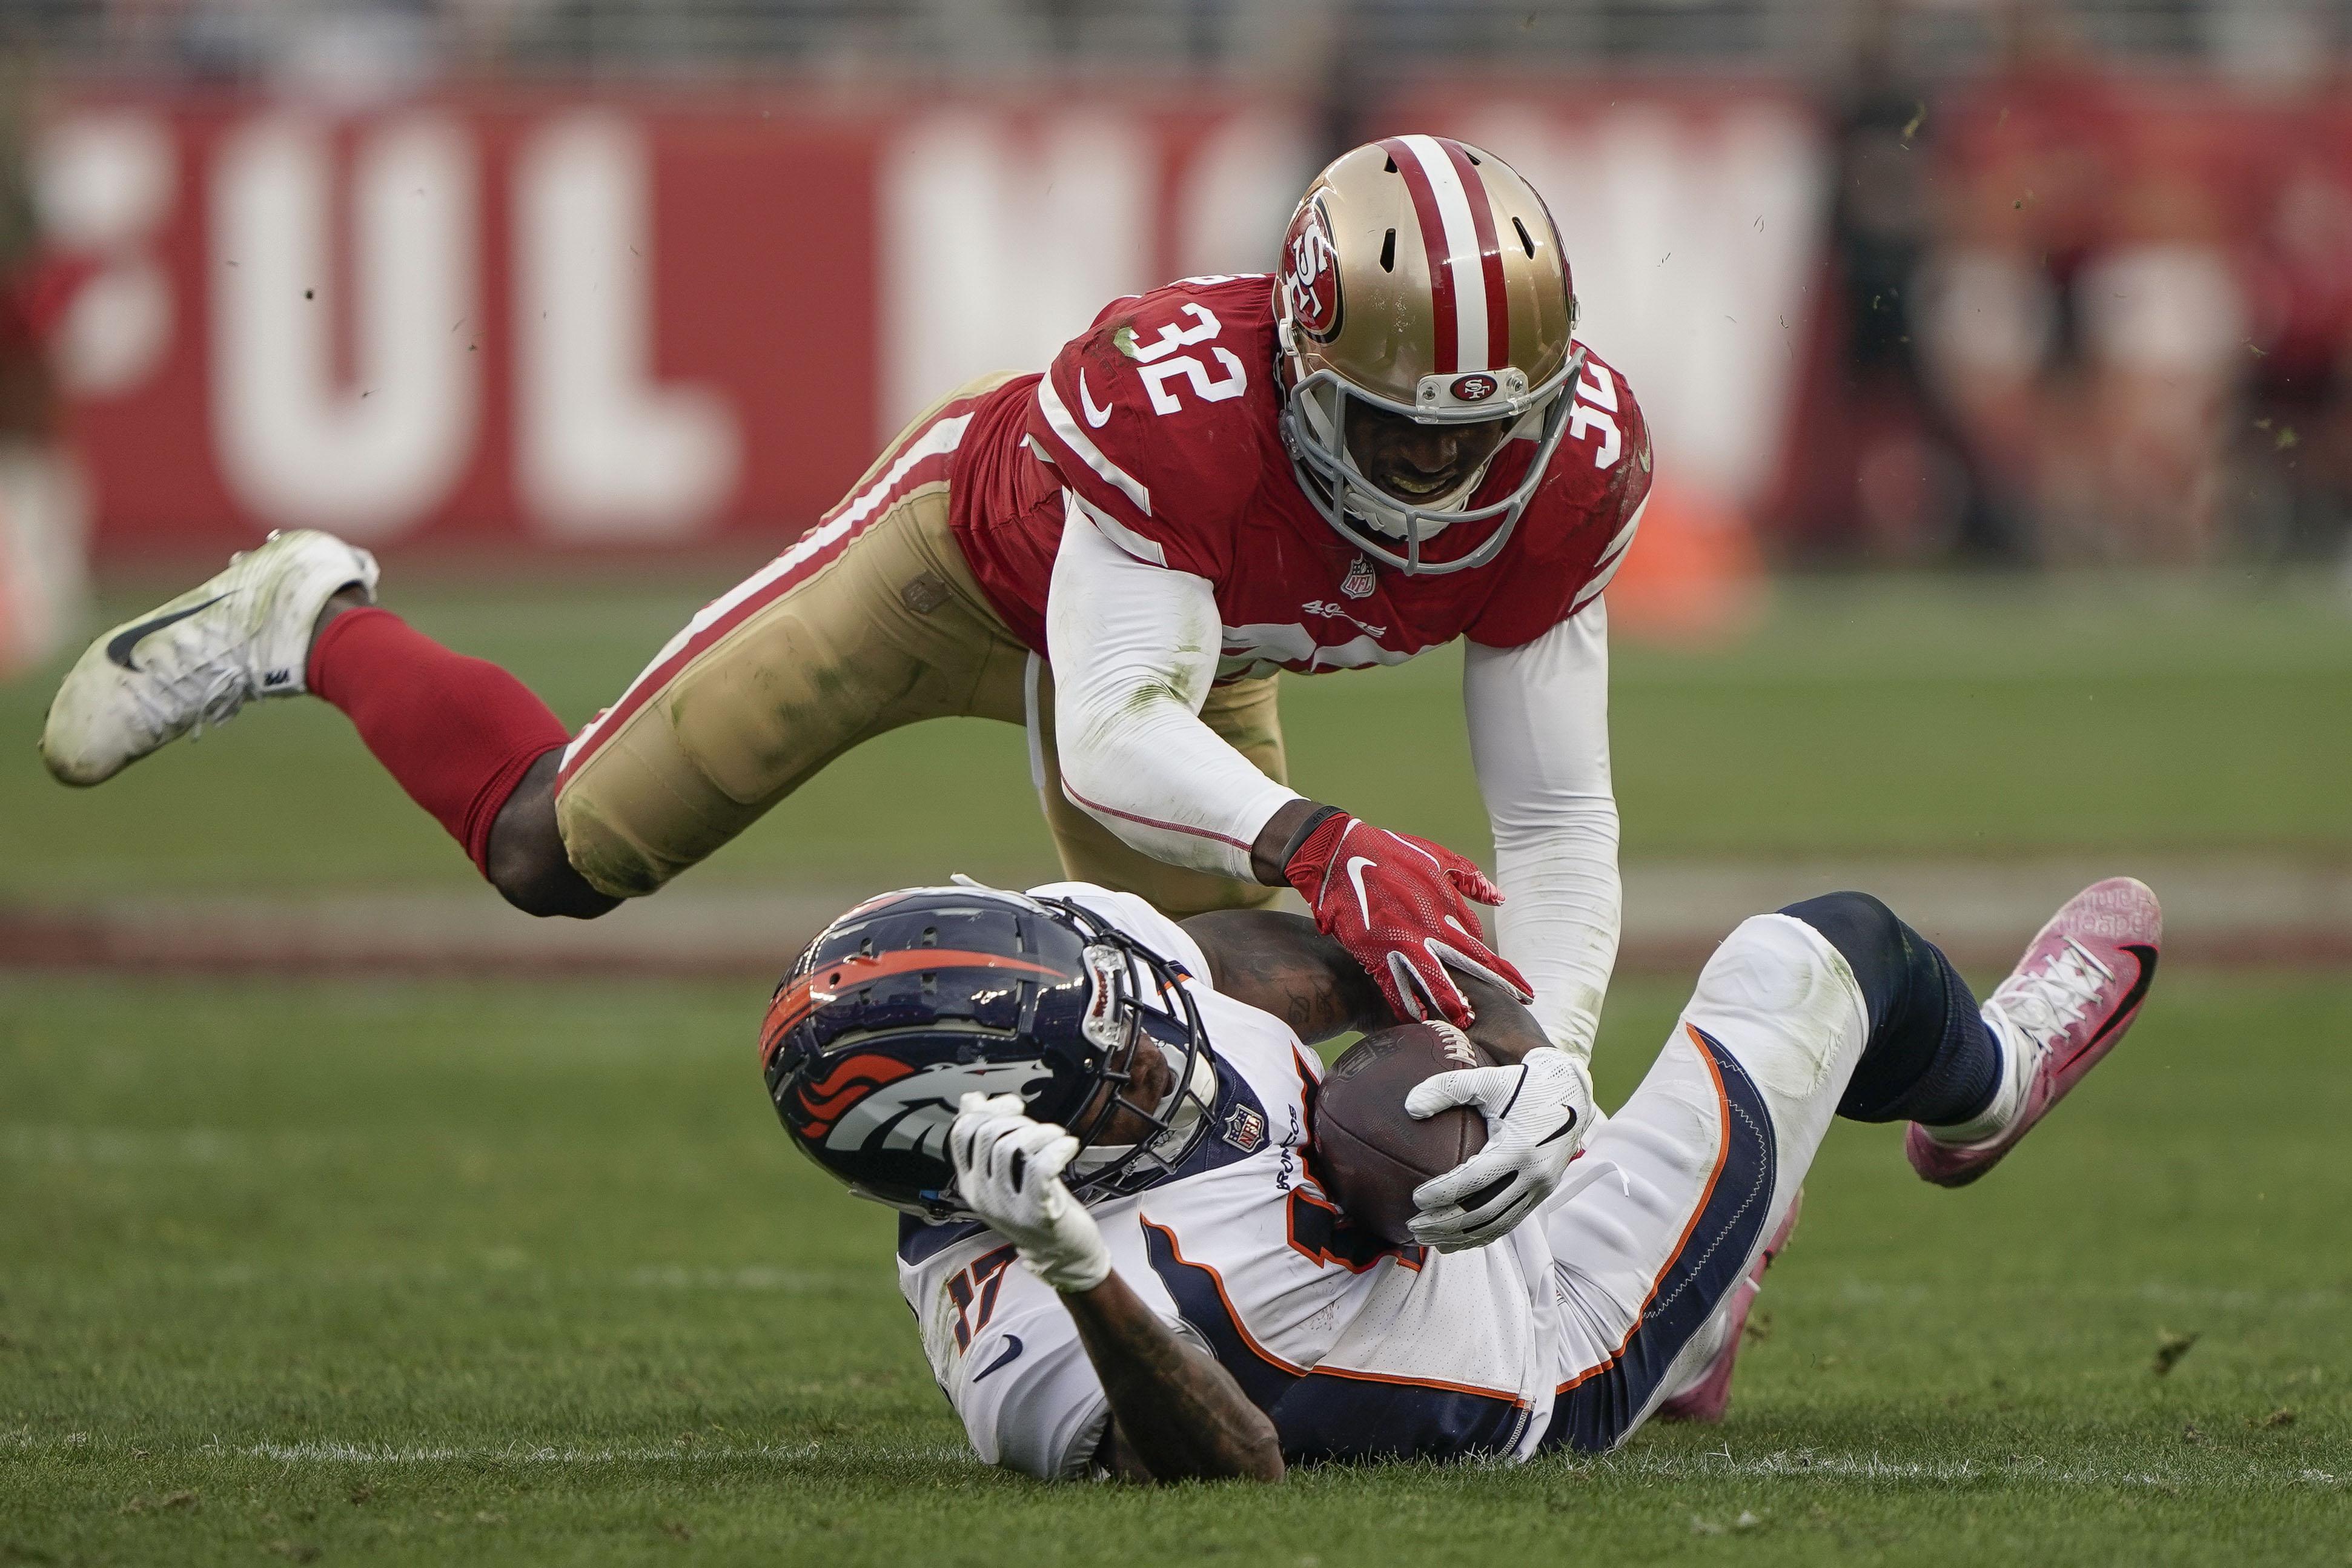 NFL: Denver Broncos at San Francisco 49ers